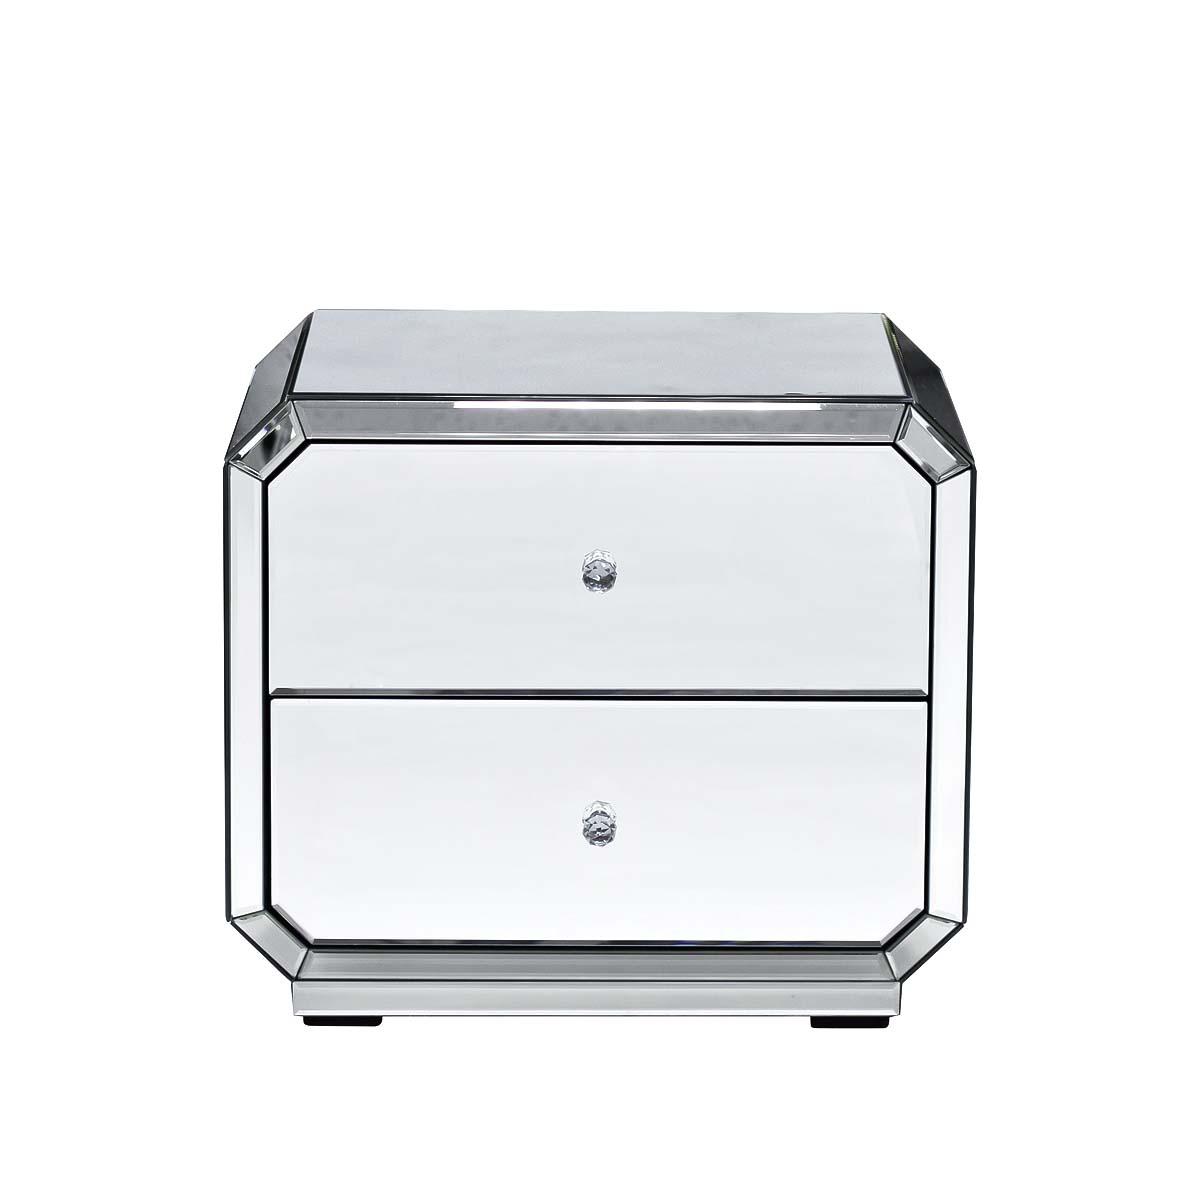 Туалетный столик Garda Decor 15436342 от thefurnish